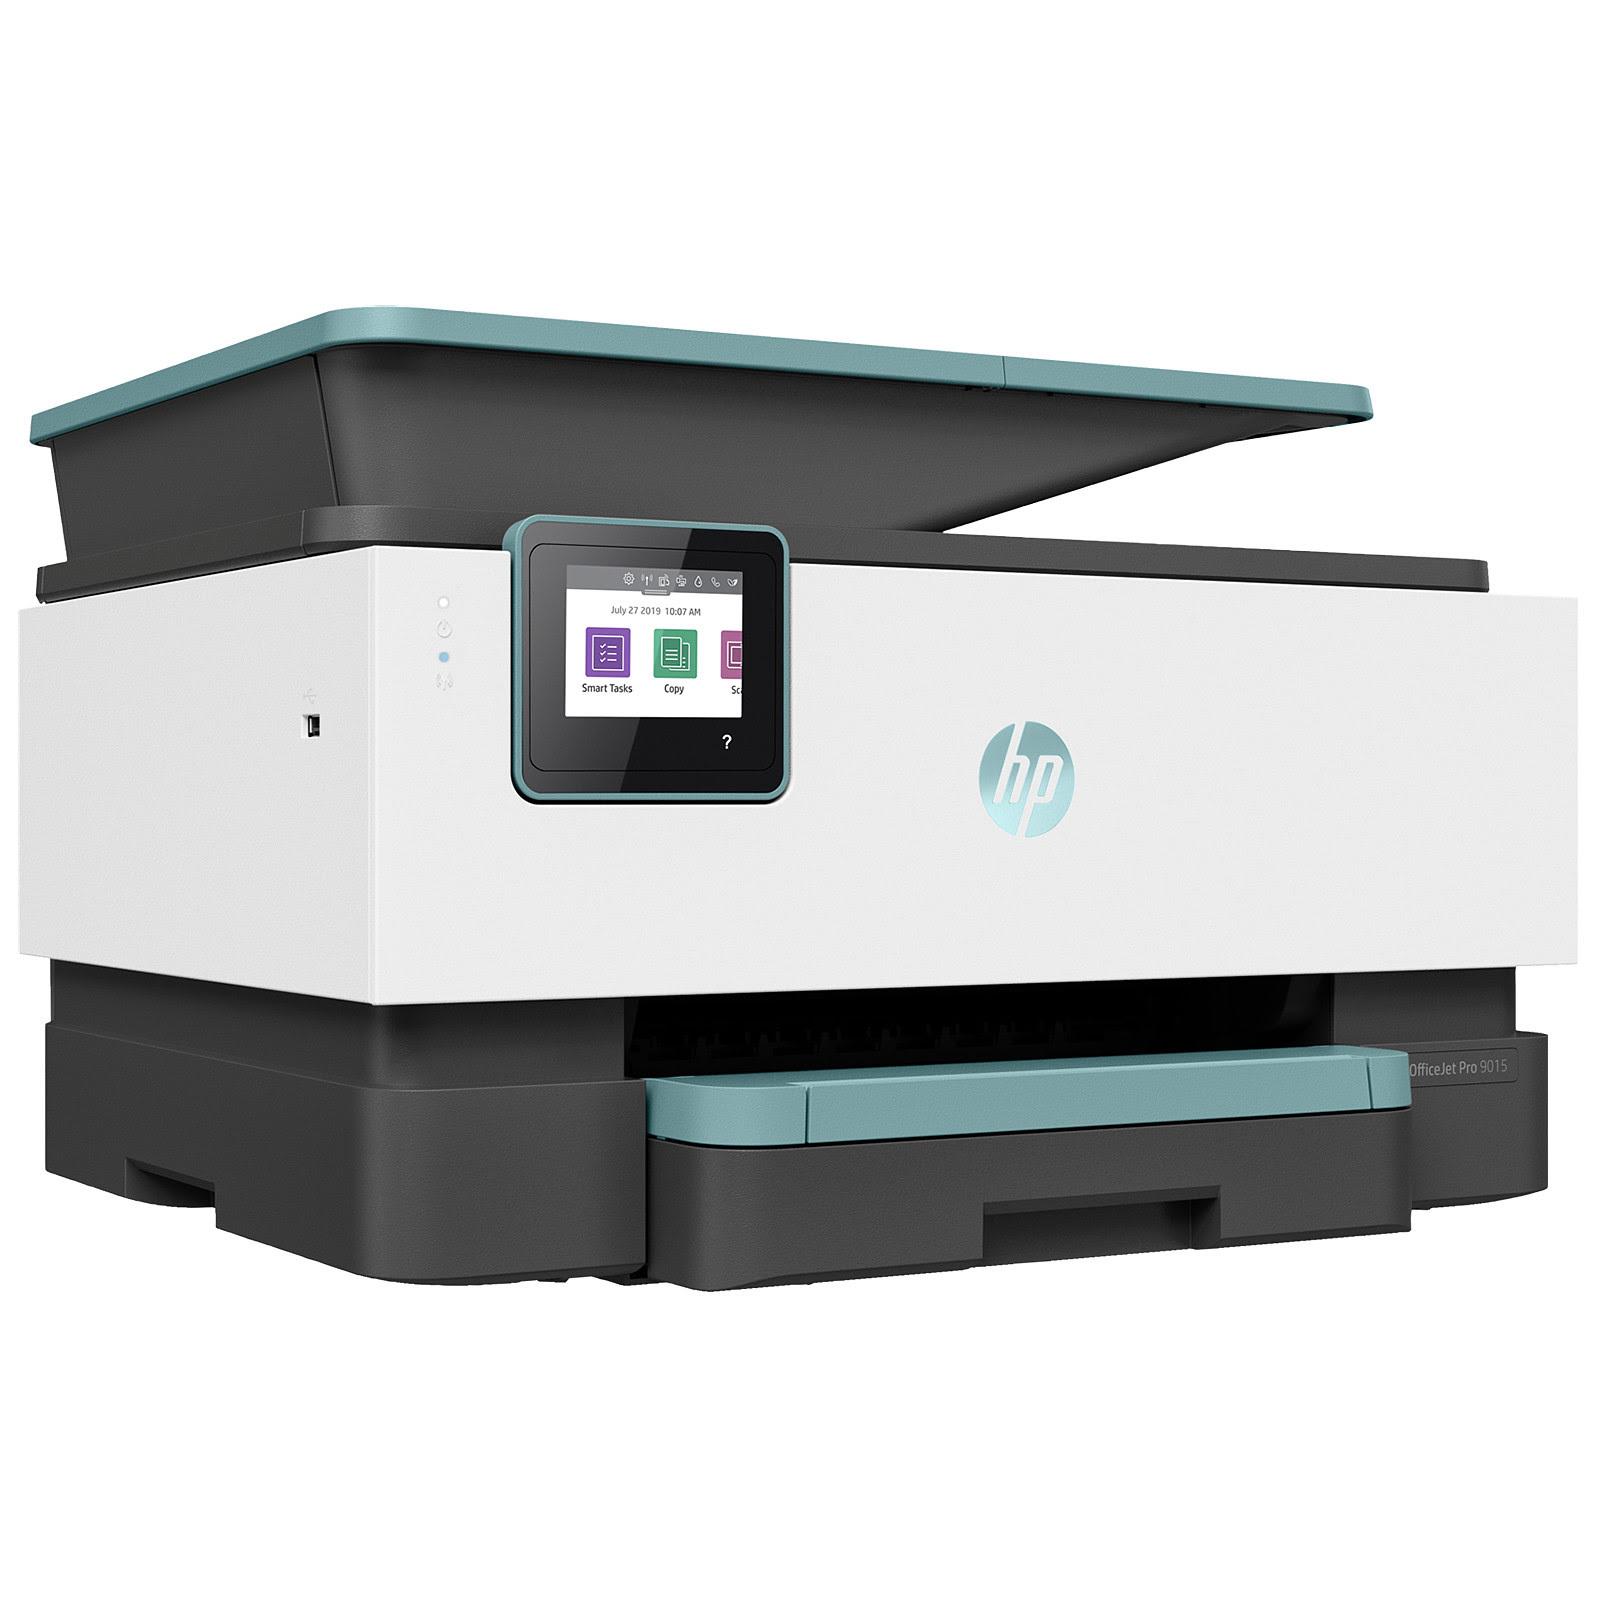 Imprimante multifonction HP OfficeJet Pro 9015 - Cybertek.fr - 2